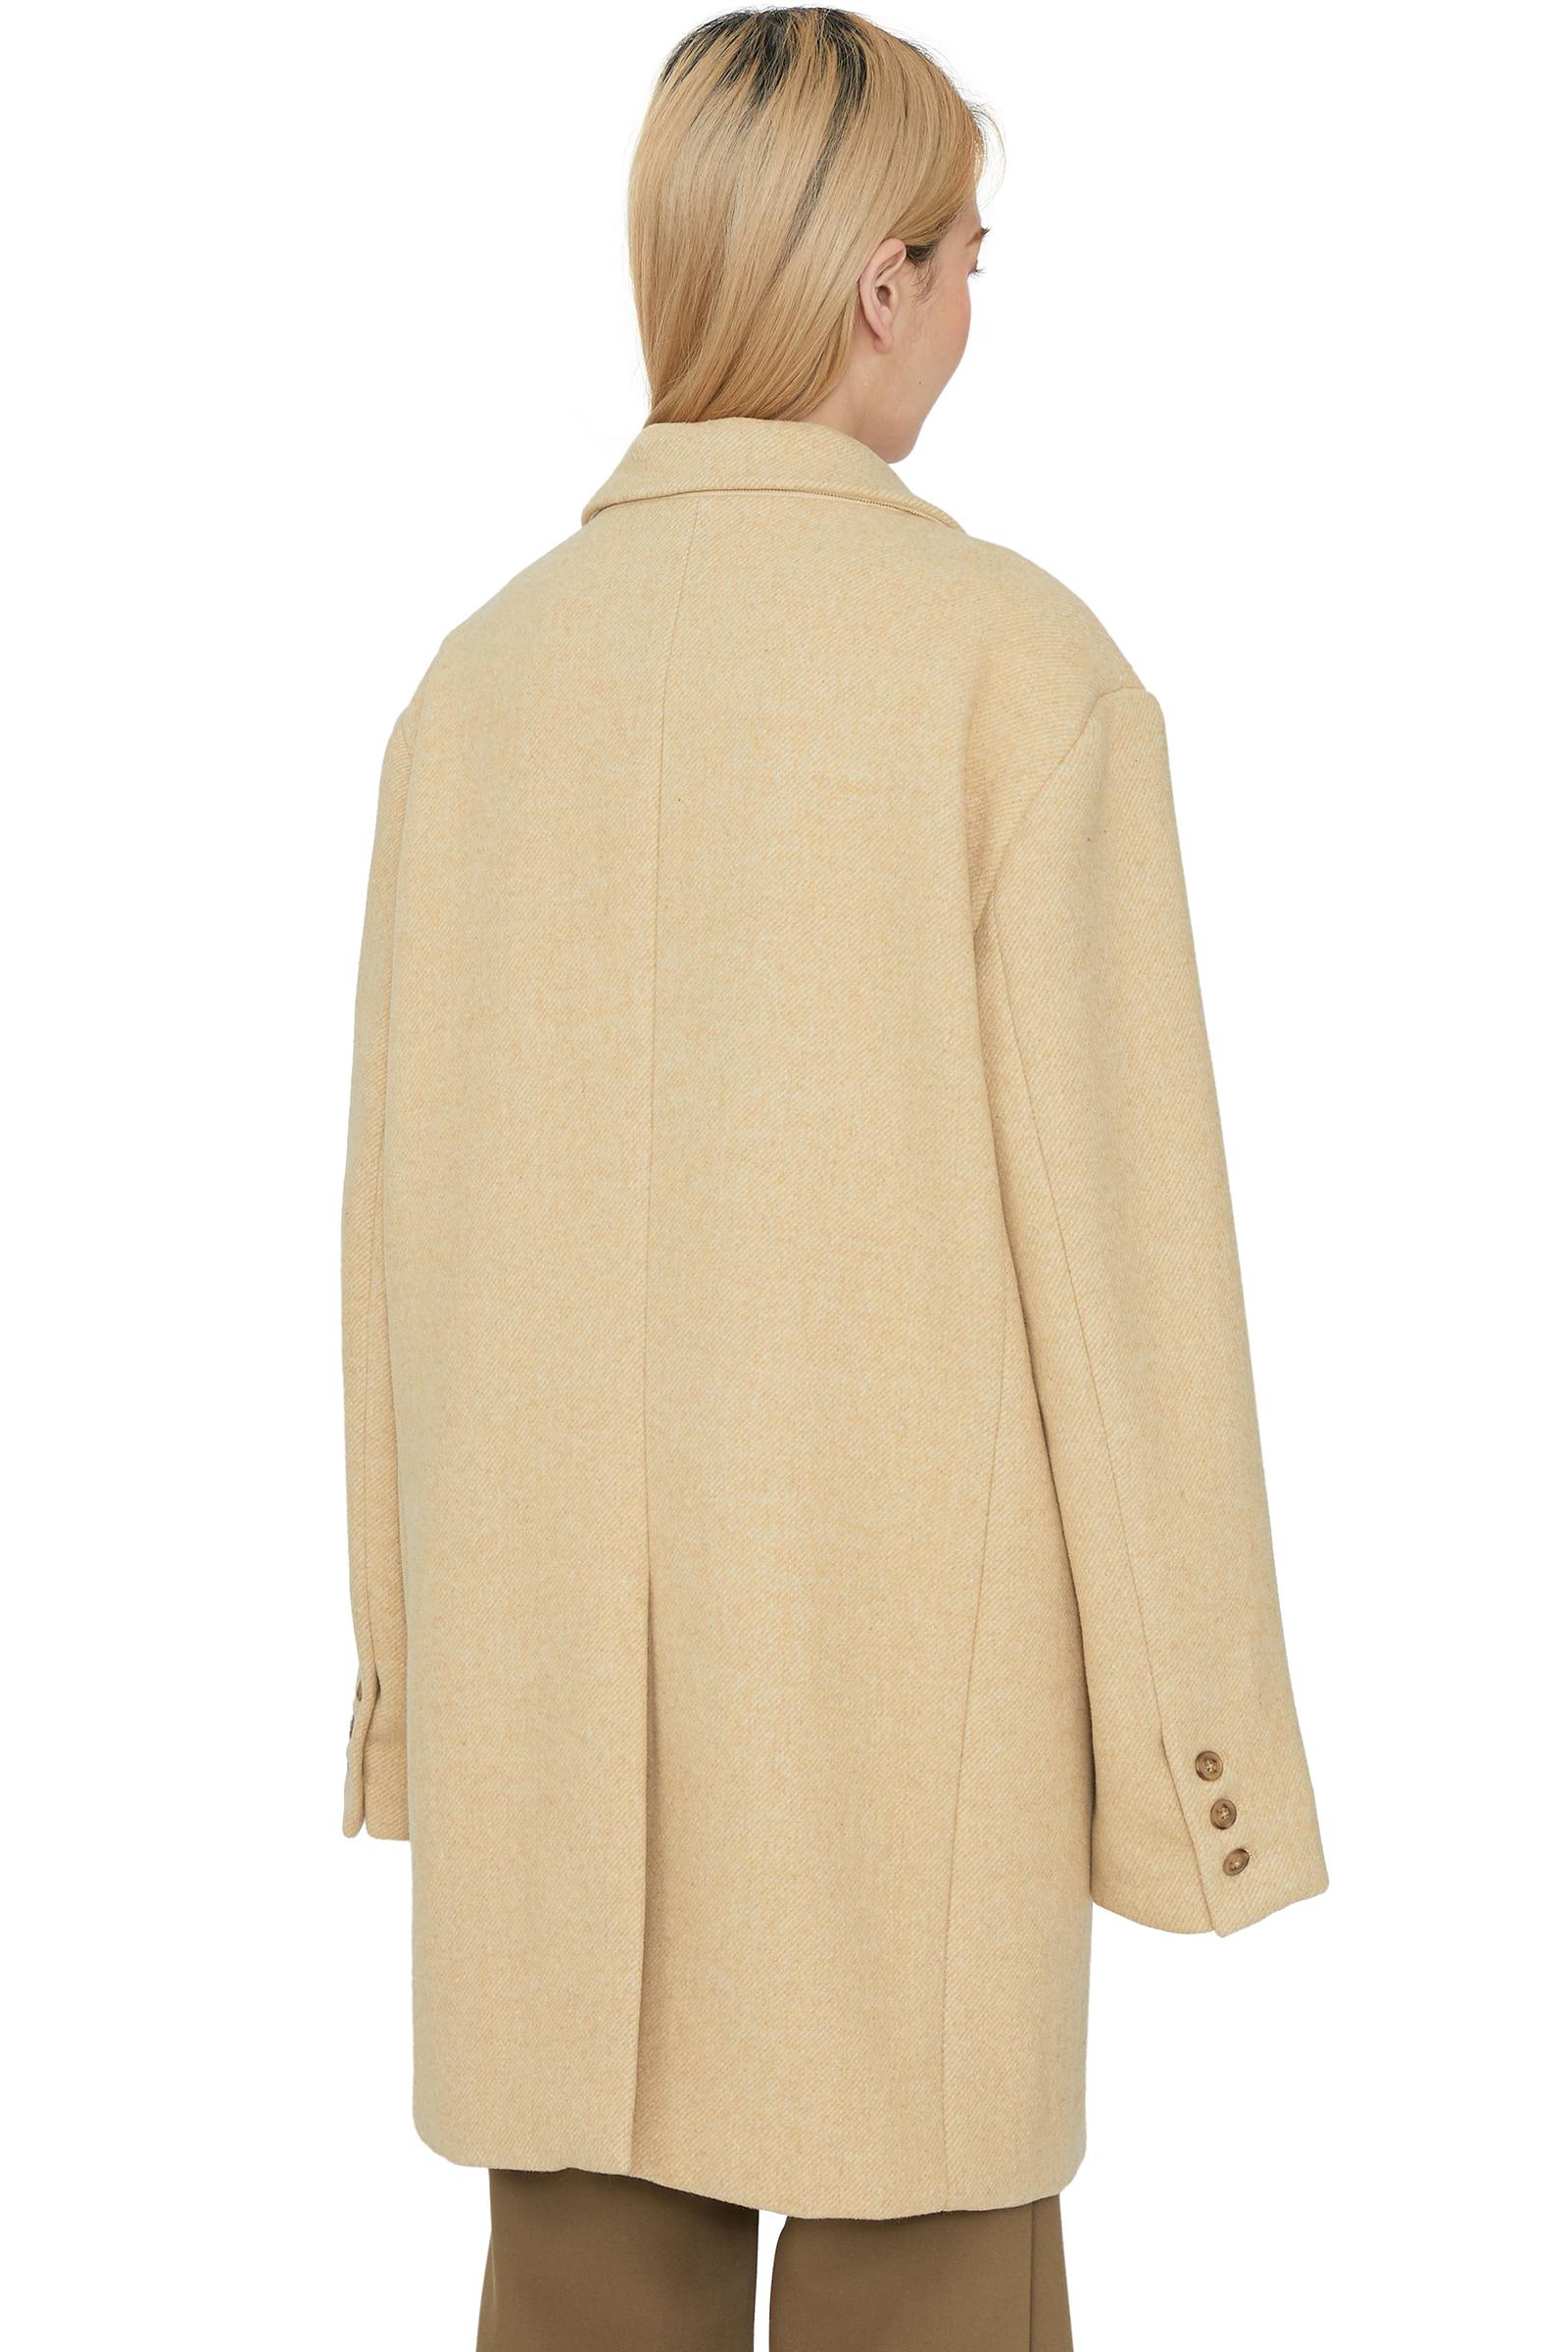 Chic wool over half coat